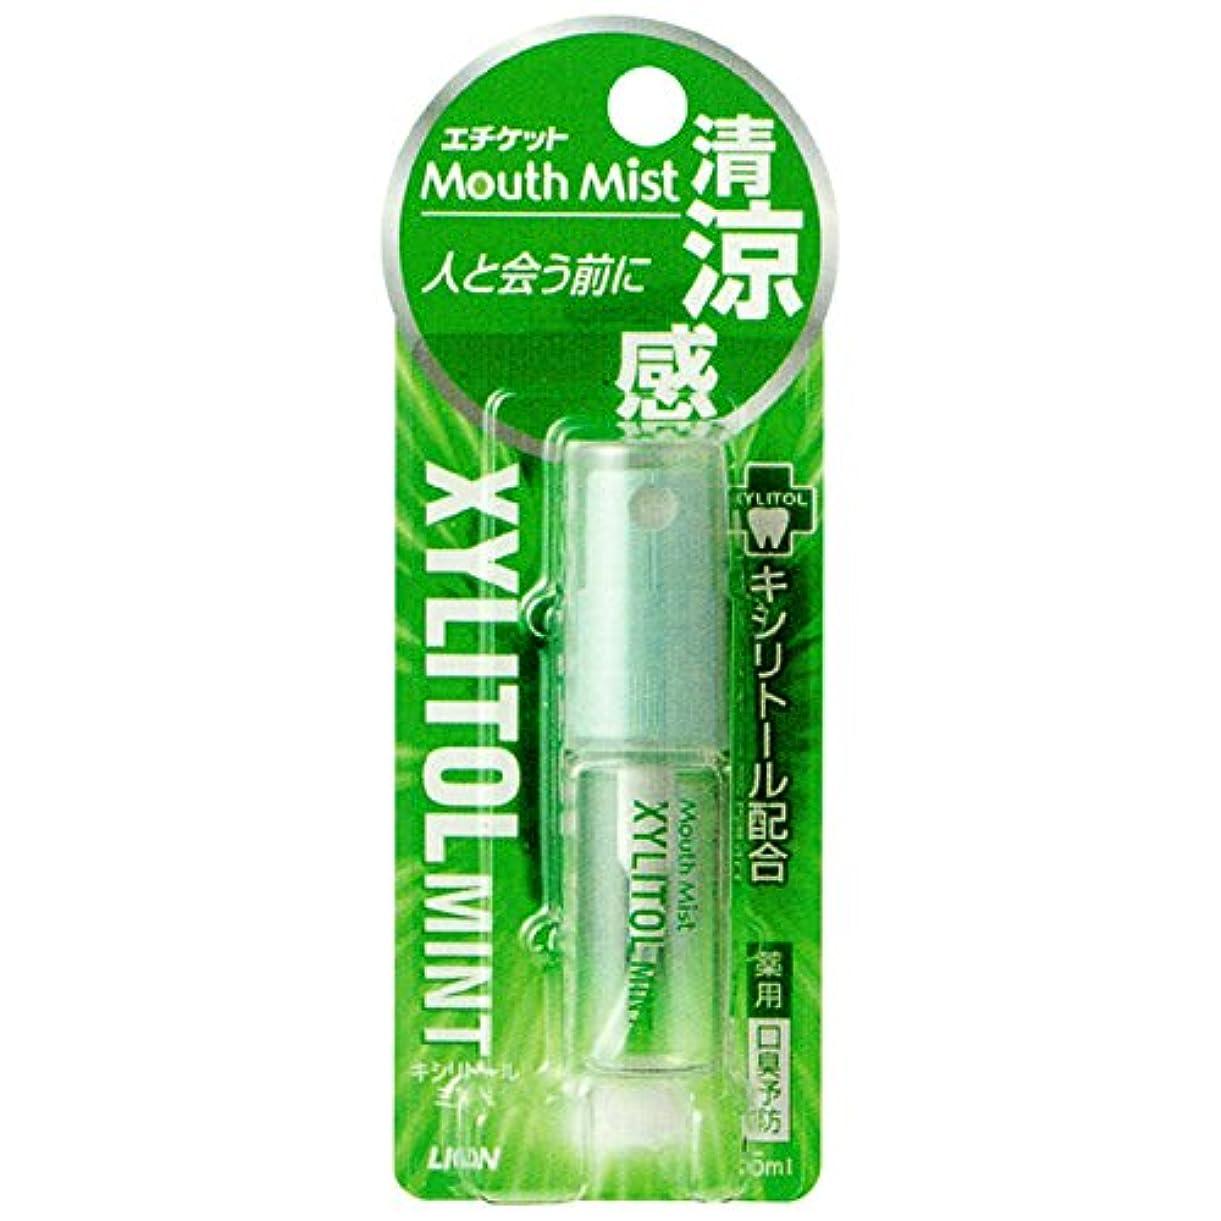 バンクファイター表面ライオン エチケット マウスミスト キシリトールミント 5ml 【医薬部外品】